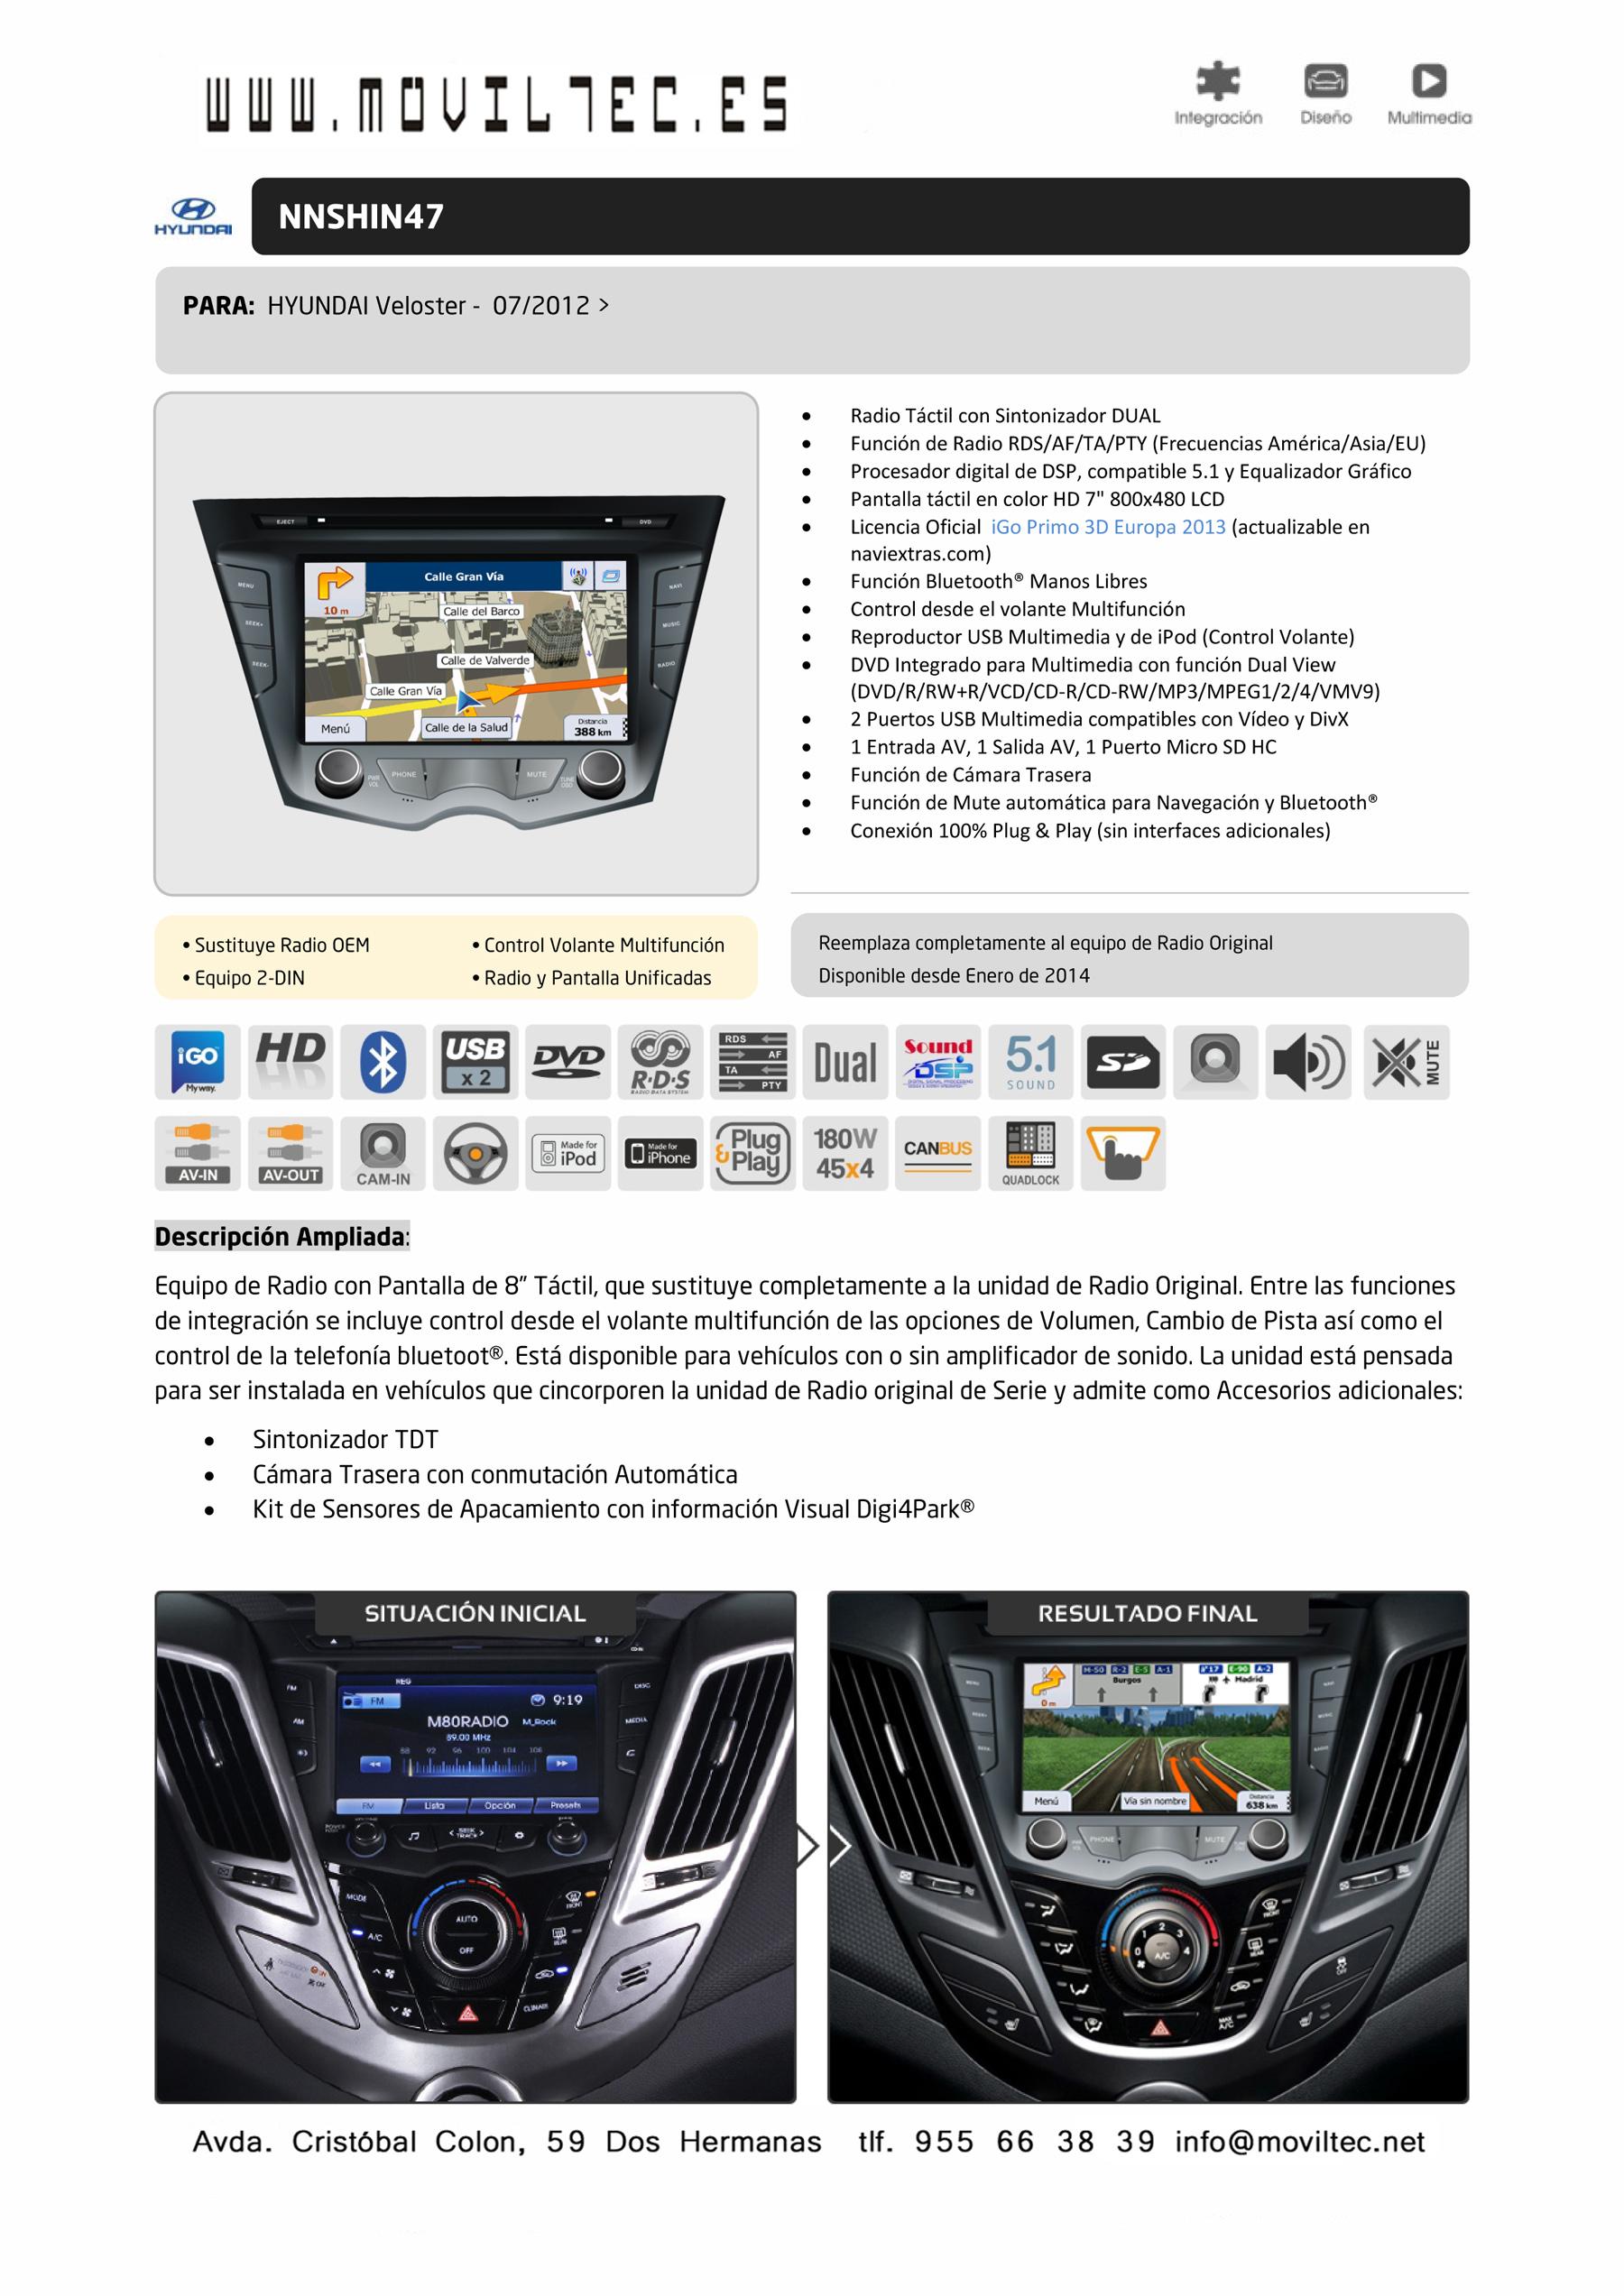 Navegador-para-Hyundai-Veloster-en-Sevilla-Moviltec-Sevilla